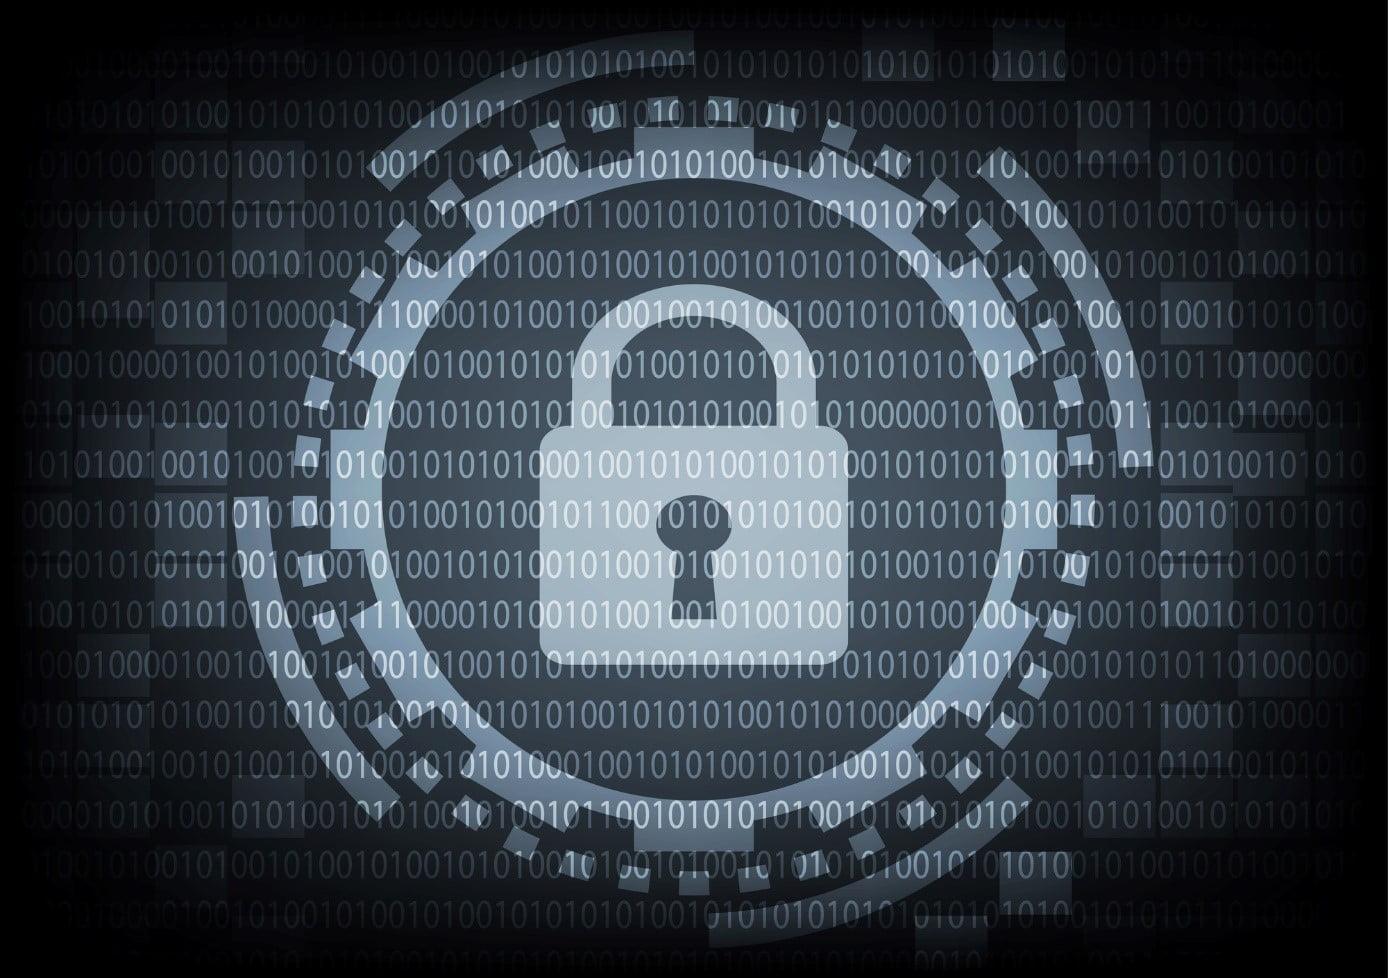 Cyberbezpieczeństwo, cyberatak, cyber, security